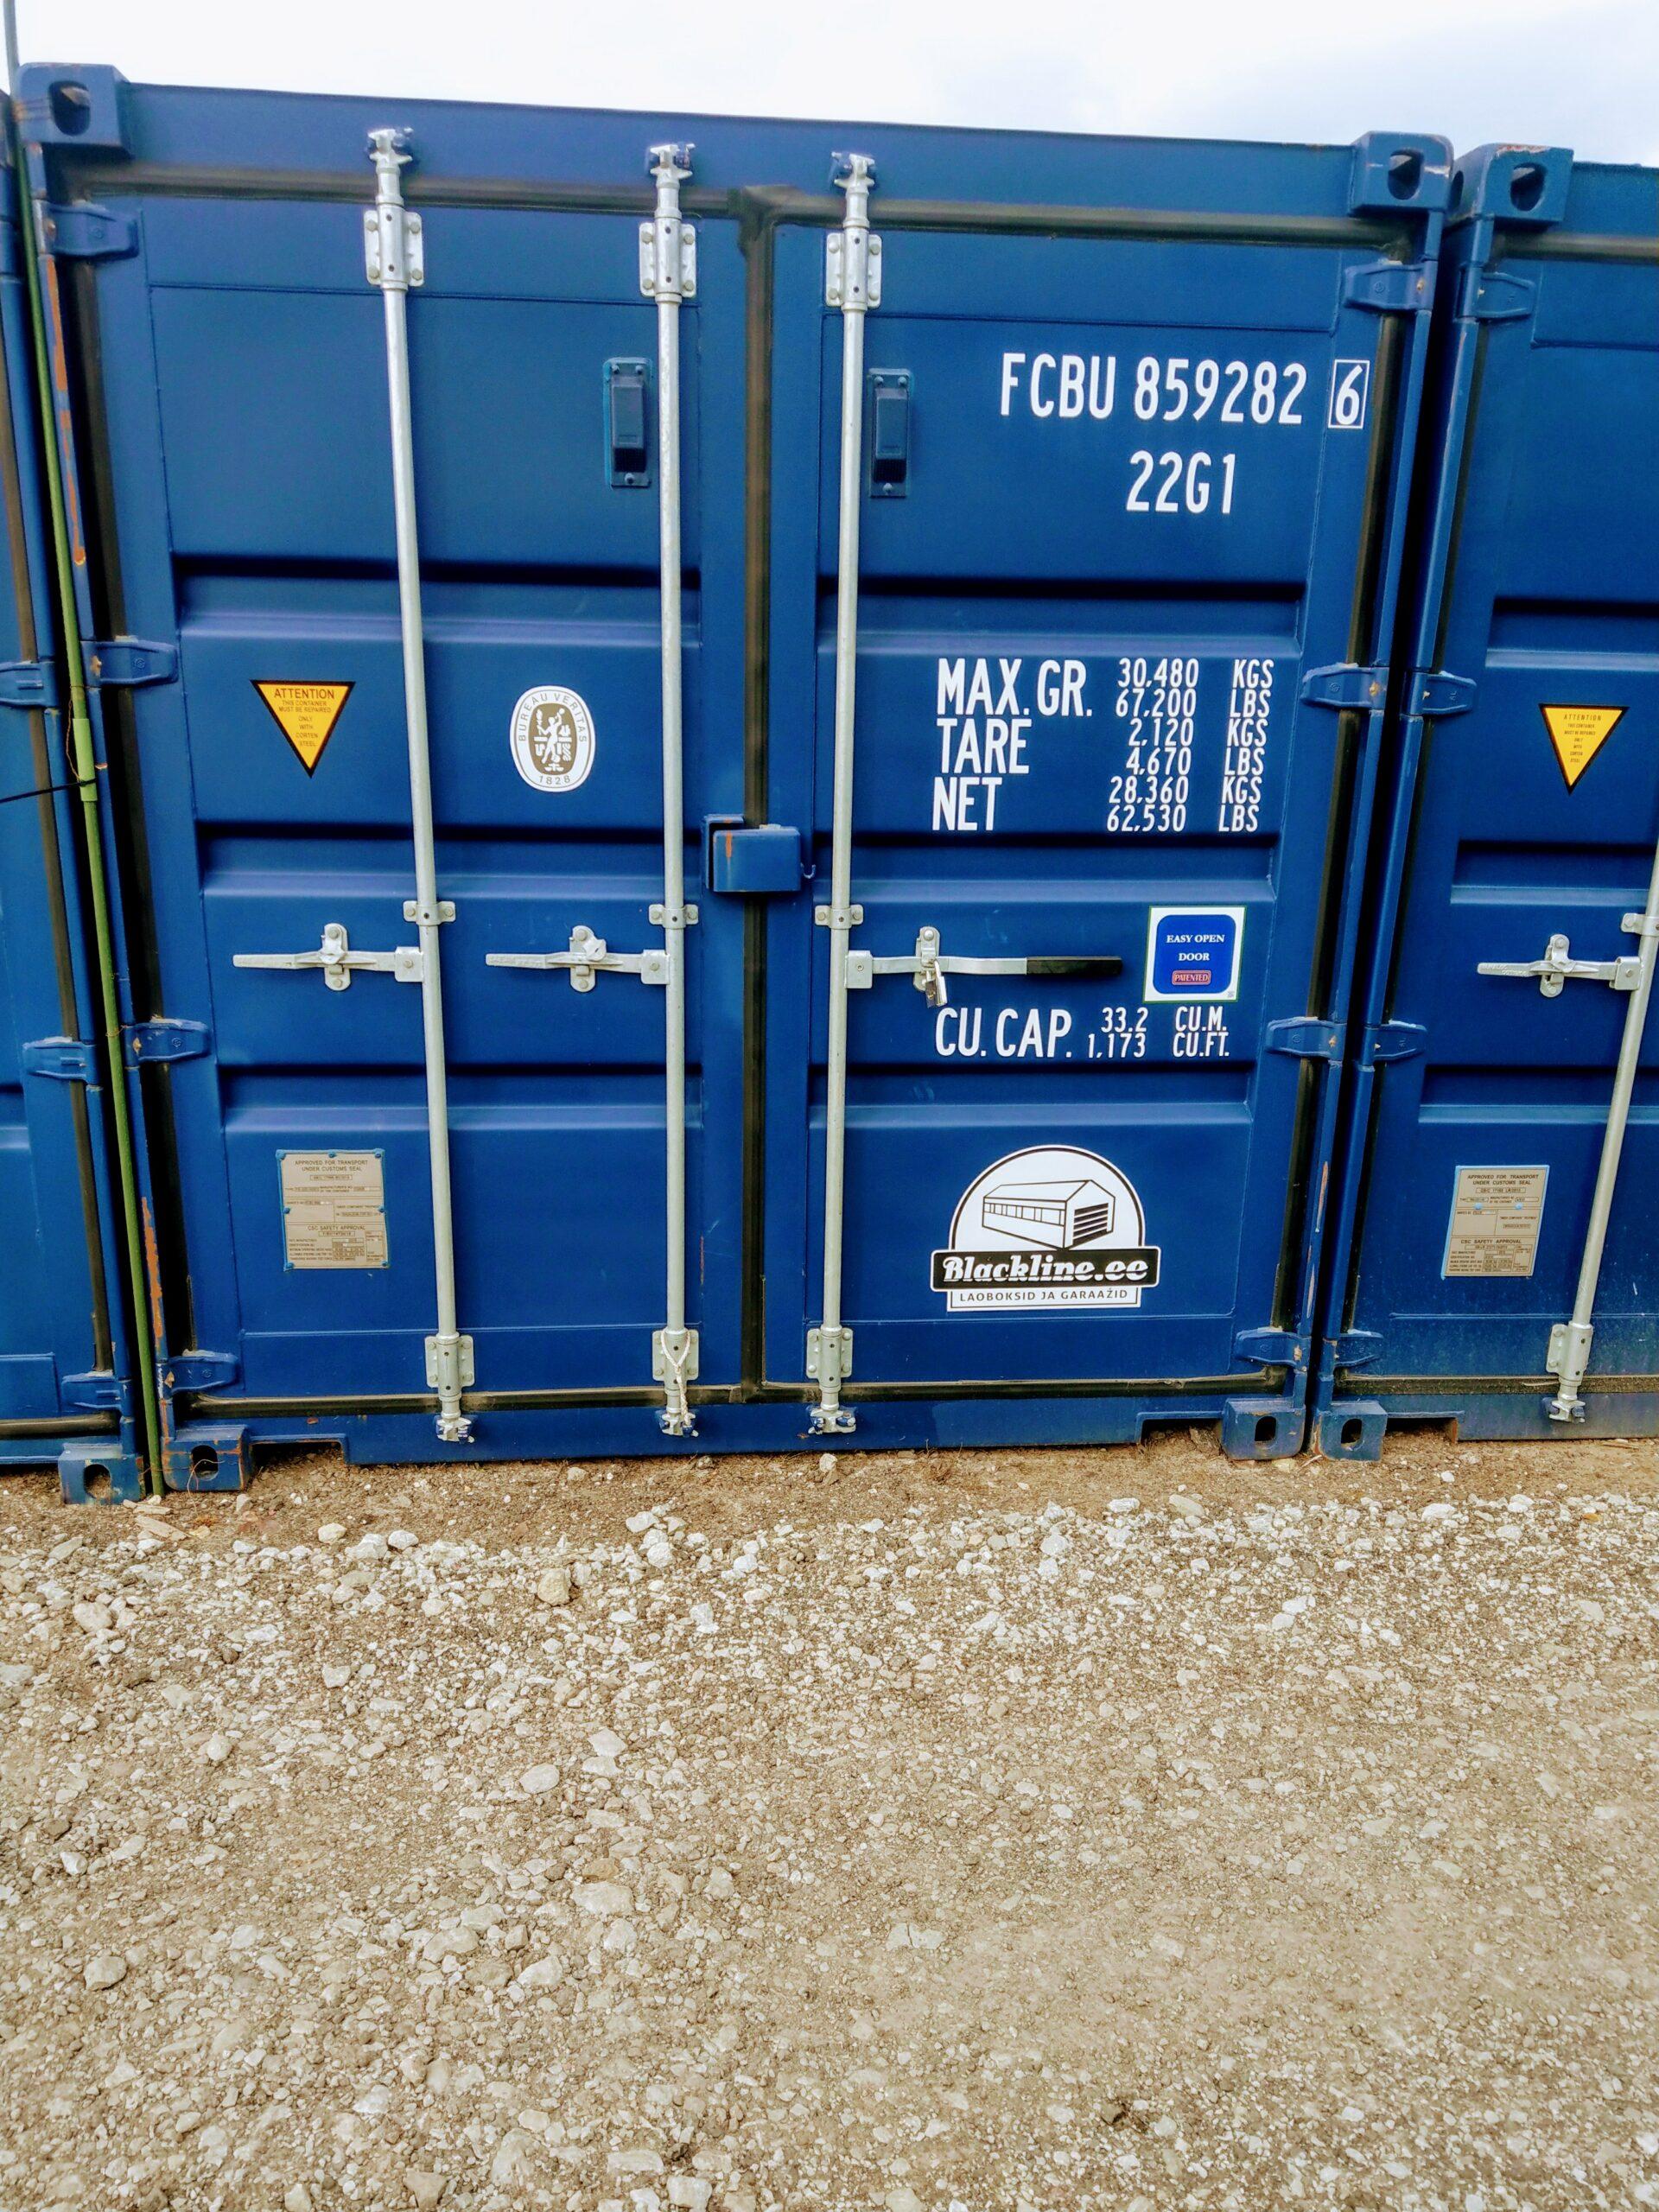 Uus konteinerladu NR 2 – FCBU8592826